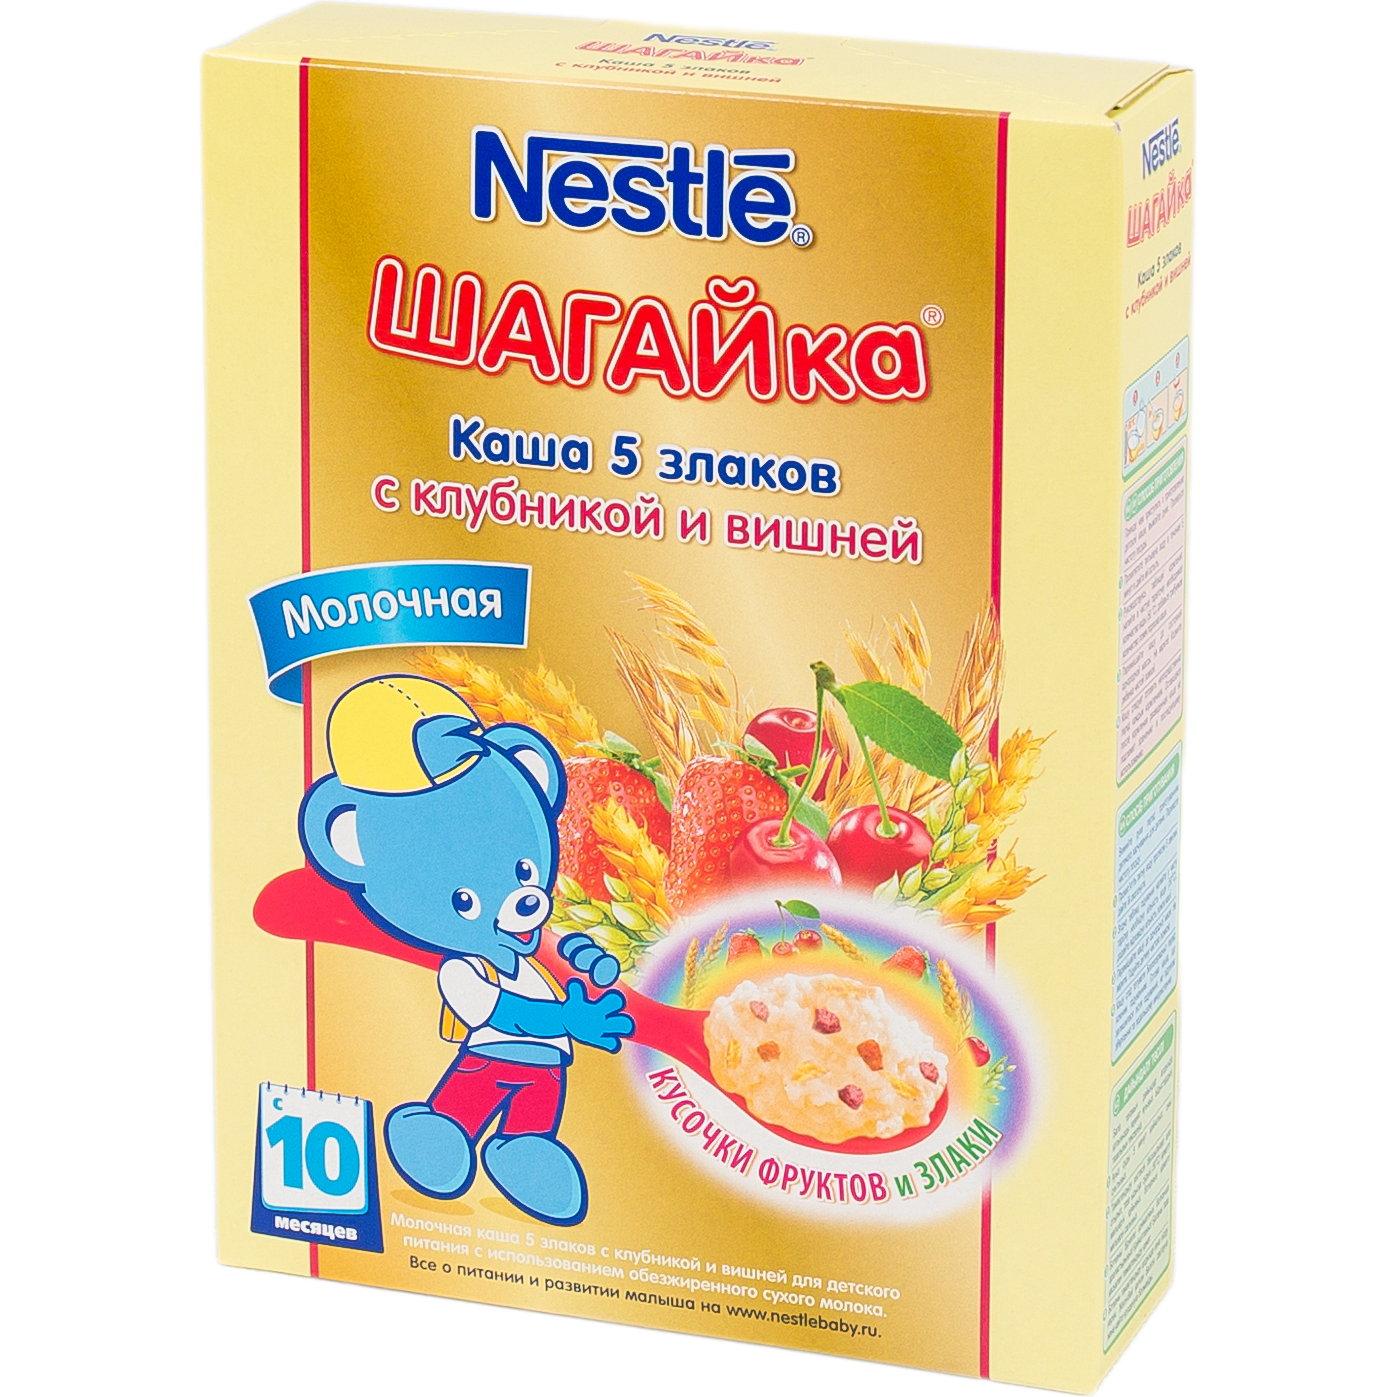 Каша Nestle Шагайка молочная 200 гр 5 злаков с клубникой и вишней (с 10 мес)<br>